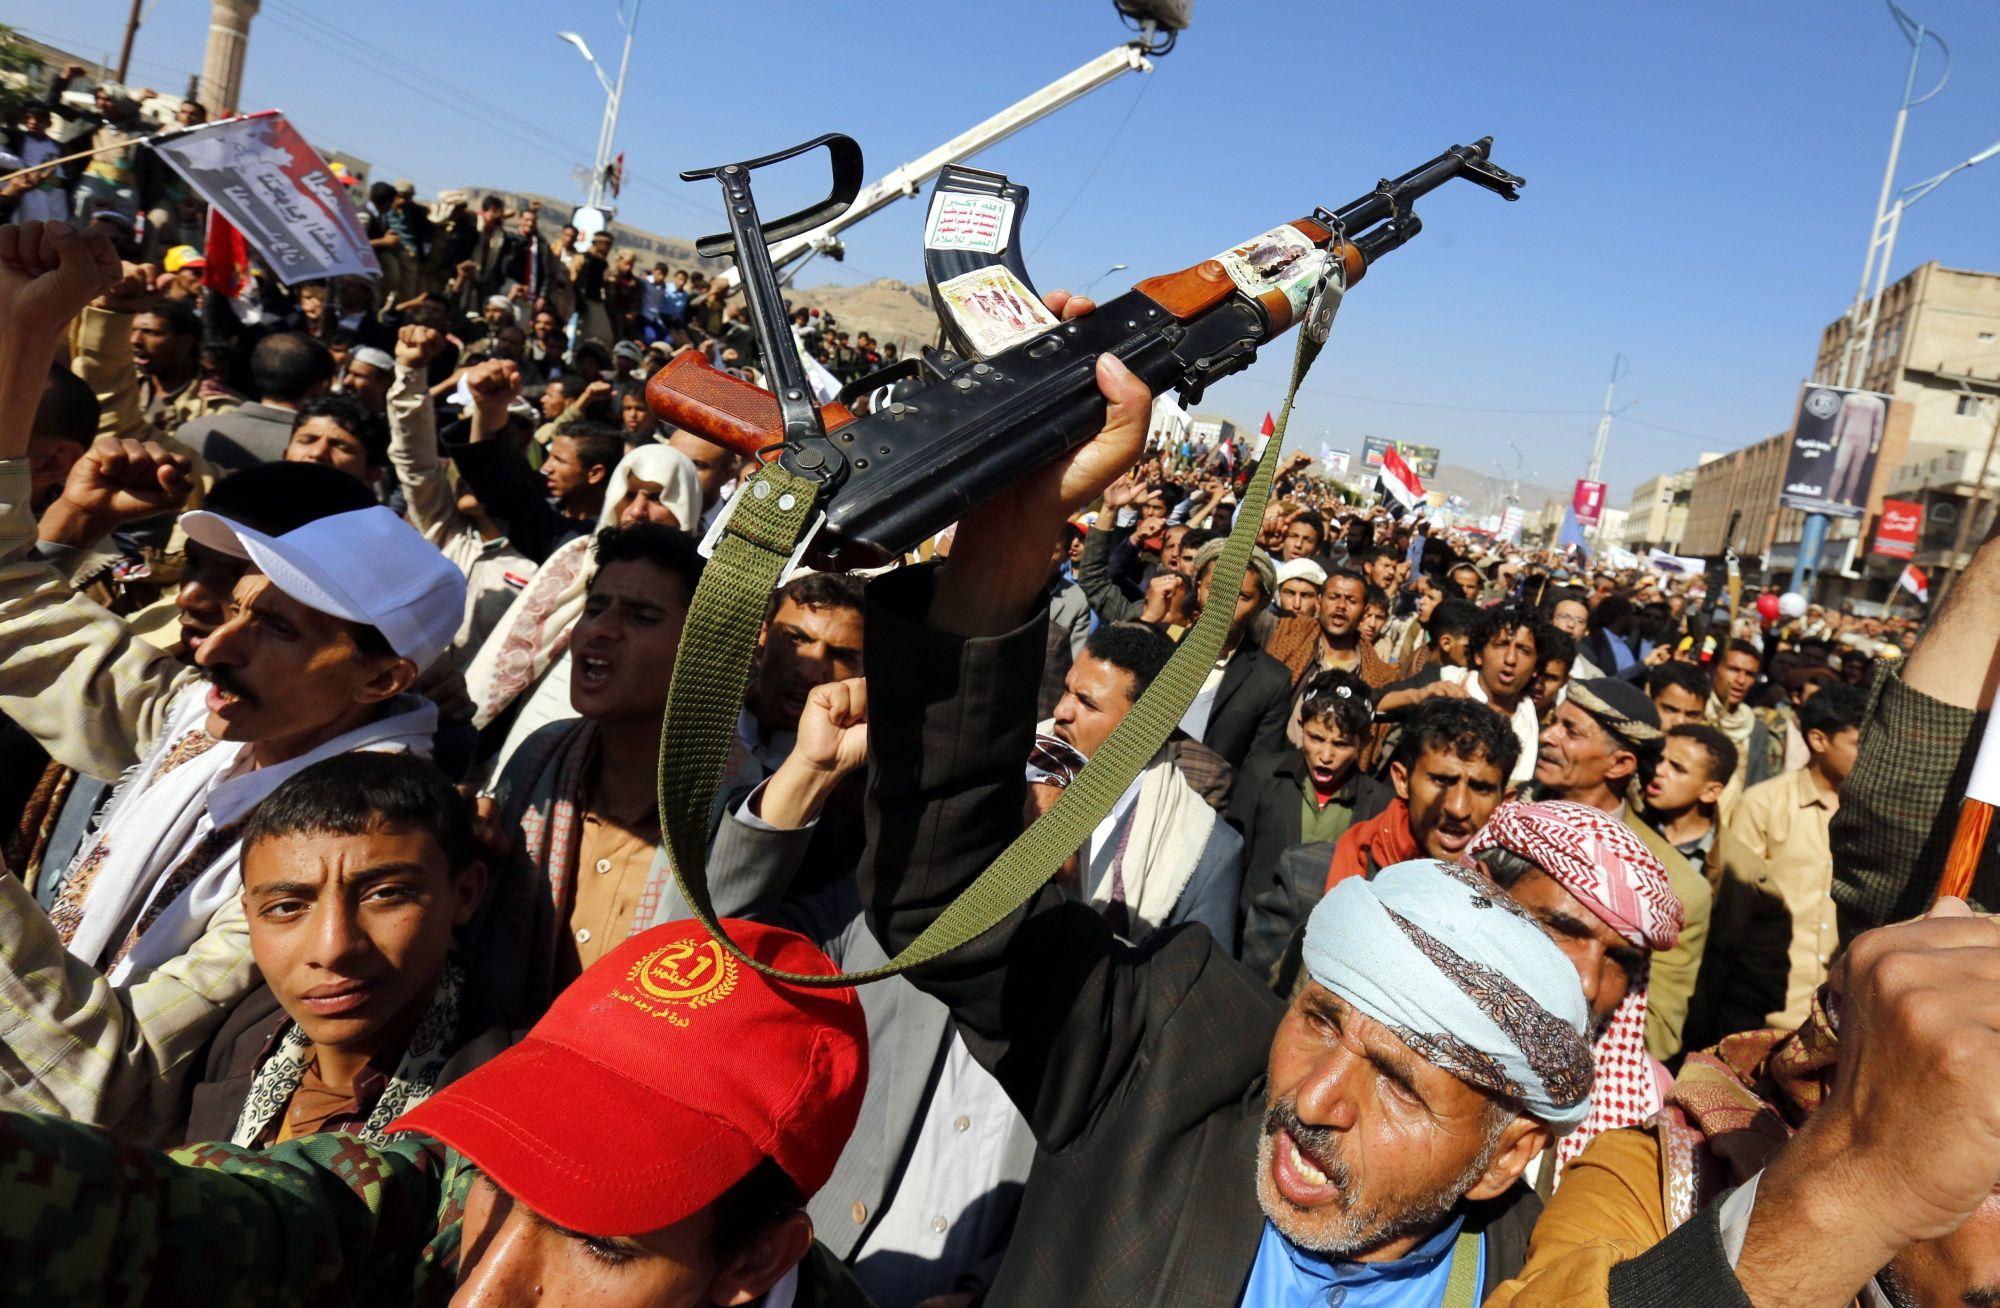 Szanaa, 2017. november 13. Jemeniek tüntetnek a szaúdi koalíció blokádja ellen Szanaában 2017. november 13-án. A blokád miatt a nemzetközi segélyszállítmányok nem jutnak be az országba, ezért súlyos élelmiszer- és gyógyszerhiány fenyegeti a lakosságot. A síita lázadók ellen a jemeni kormány oldalán harcoló szaúdi koalíció november 6-án zárta le a jemeni repülõtereket és kikötőket a Rijád elleni, két nappal korábban elkövetett rakétatámadás miatt. (MTI/EPA/Jahja Arhab)